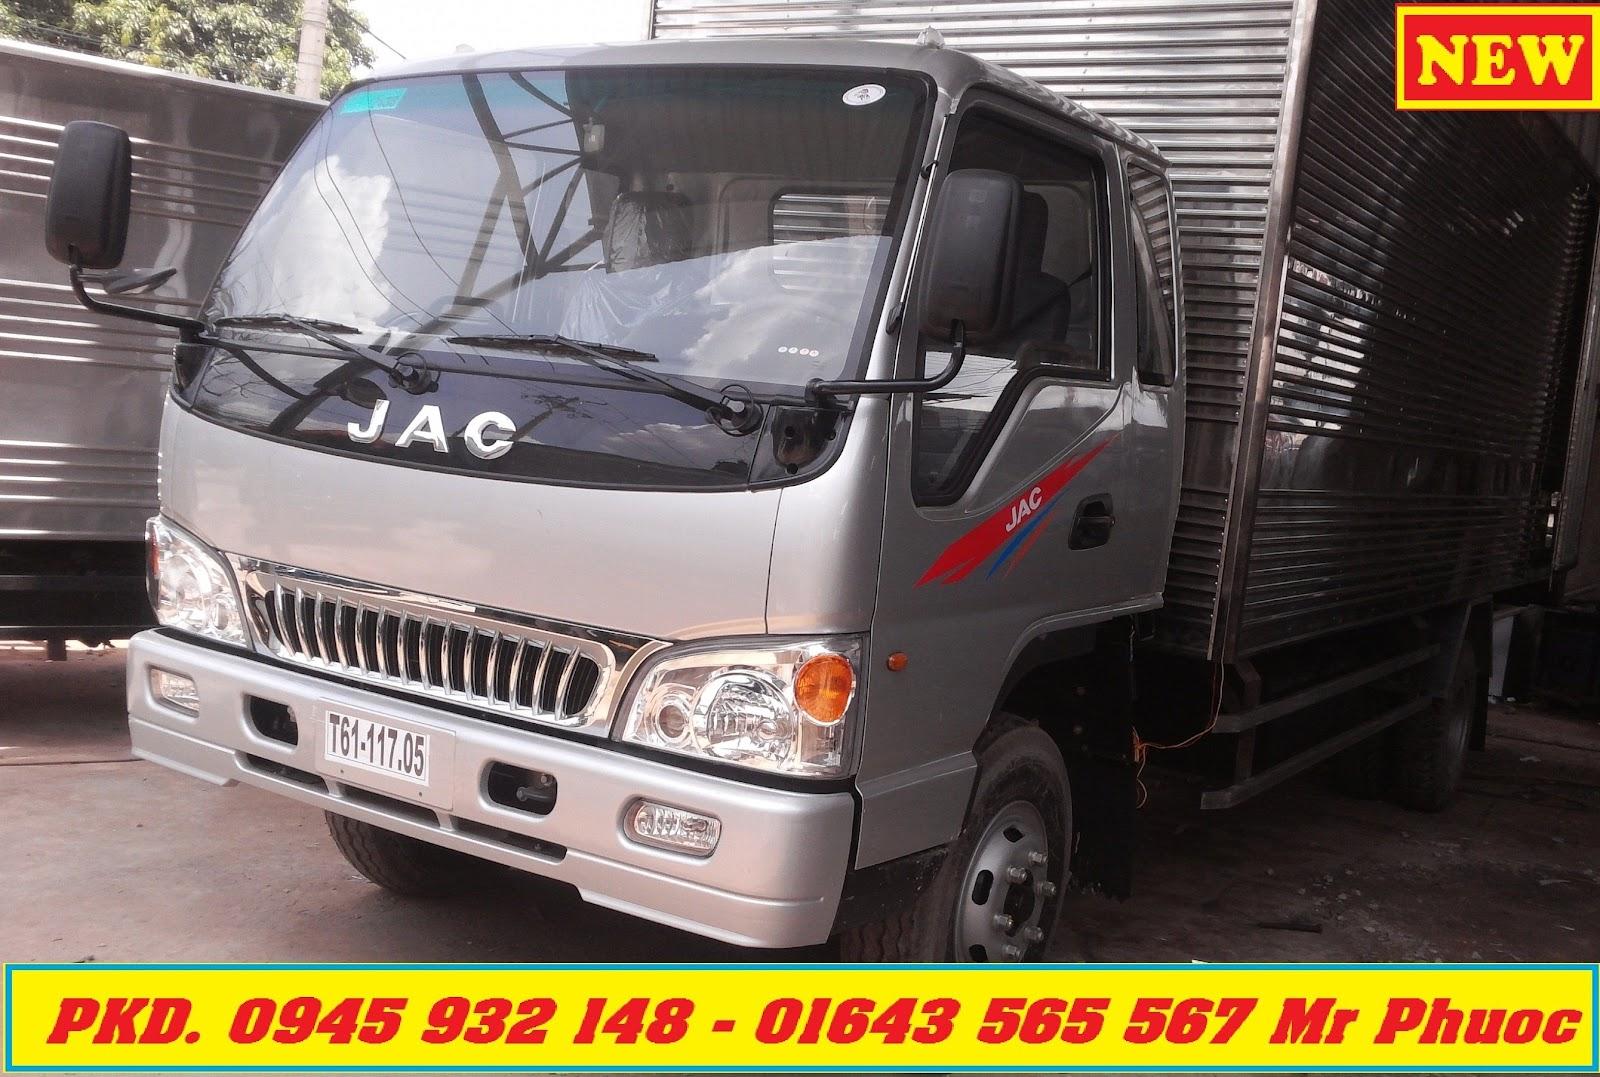 xe tải JAC 4.9 tấn thùng mui bạt thế hệ mới, xe tải JAC HFC1061 K3 4t99 có máy lạnh tặng trước bạ